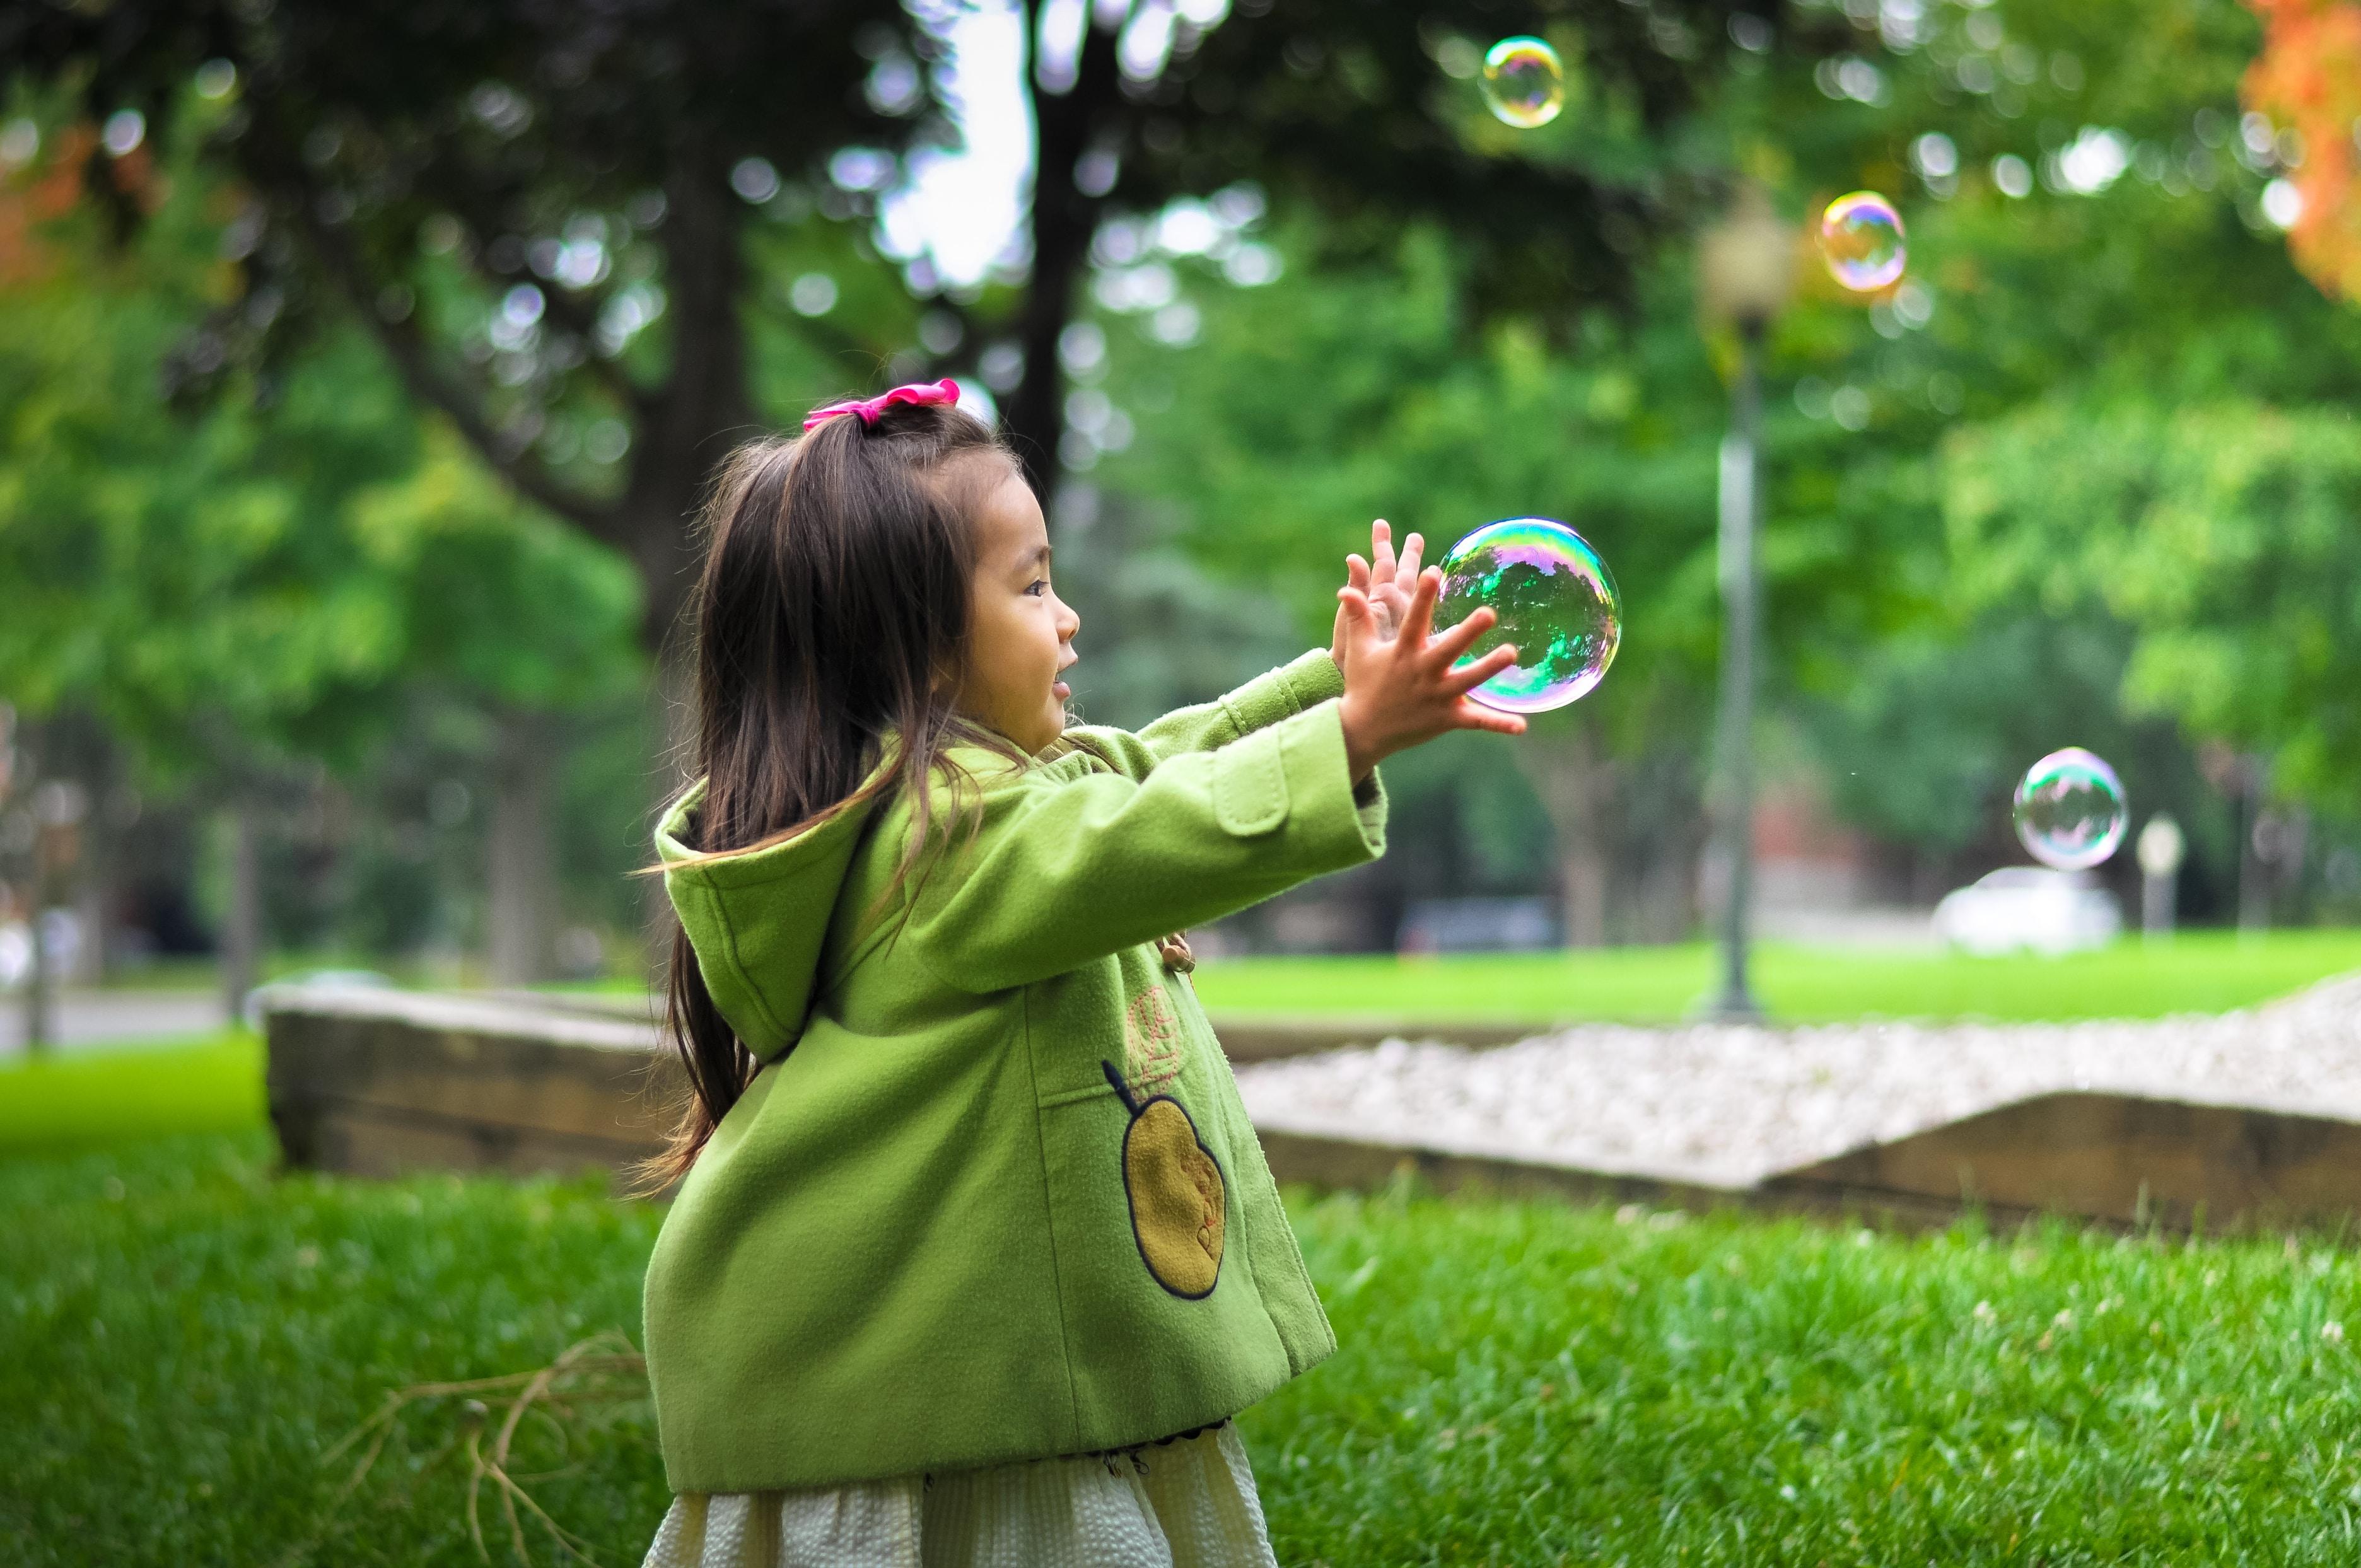 幼儿园普惠之后:请回答,幼教2020